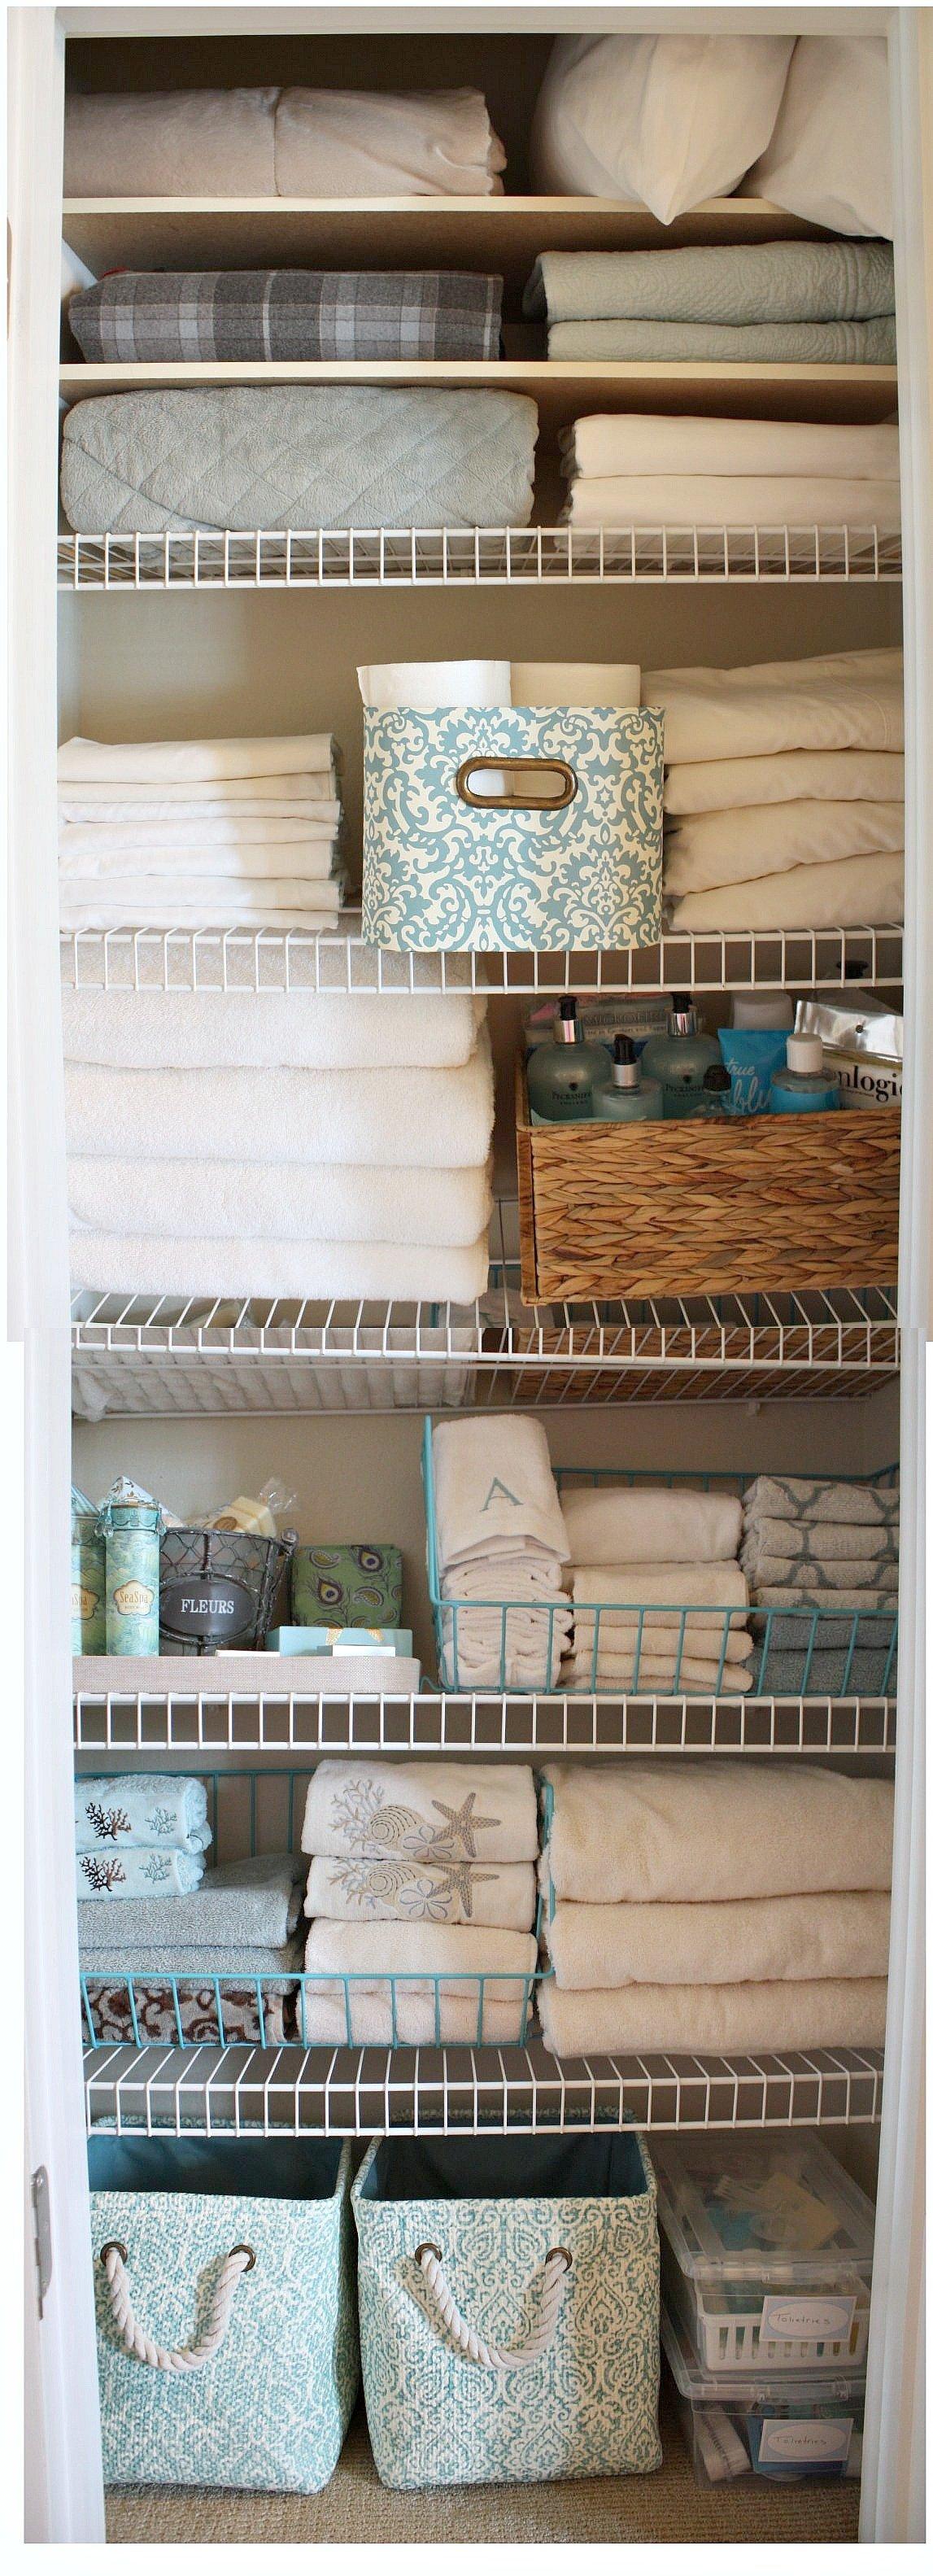 Organizing a linen closet - Organisation salle de bain ...